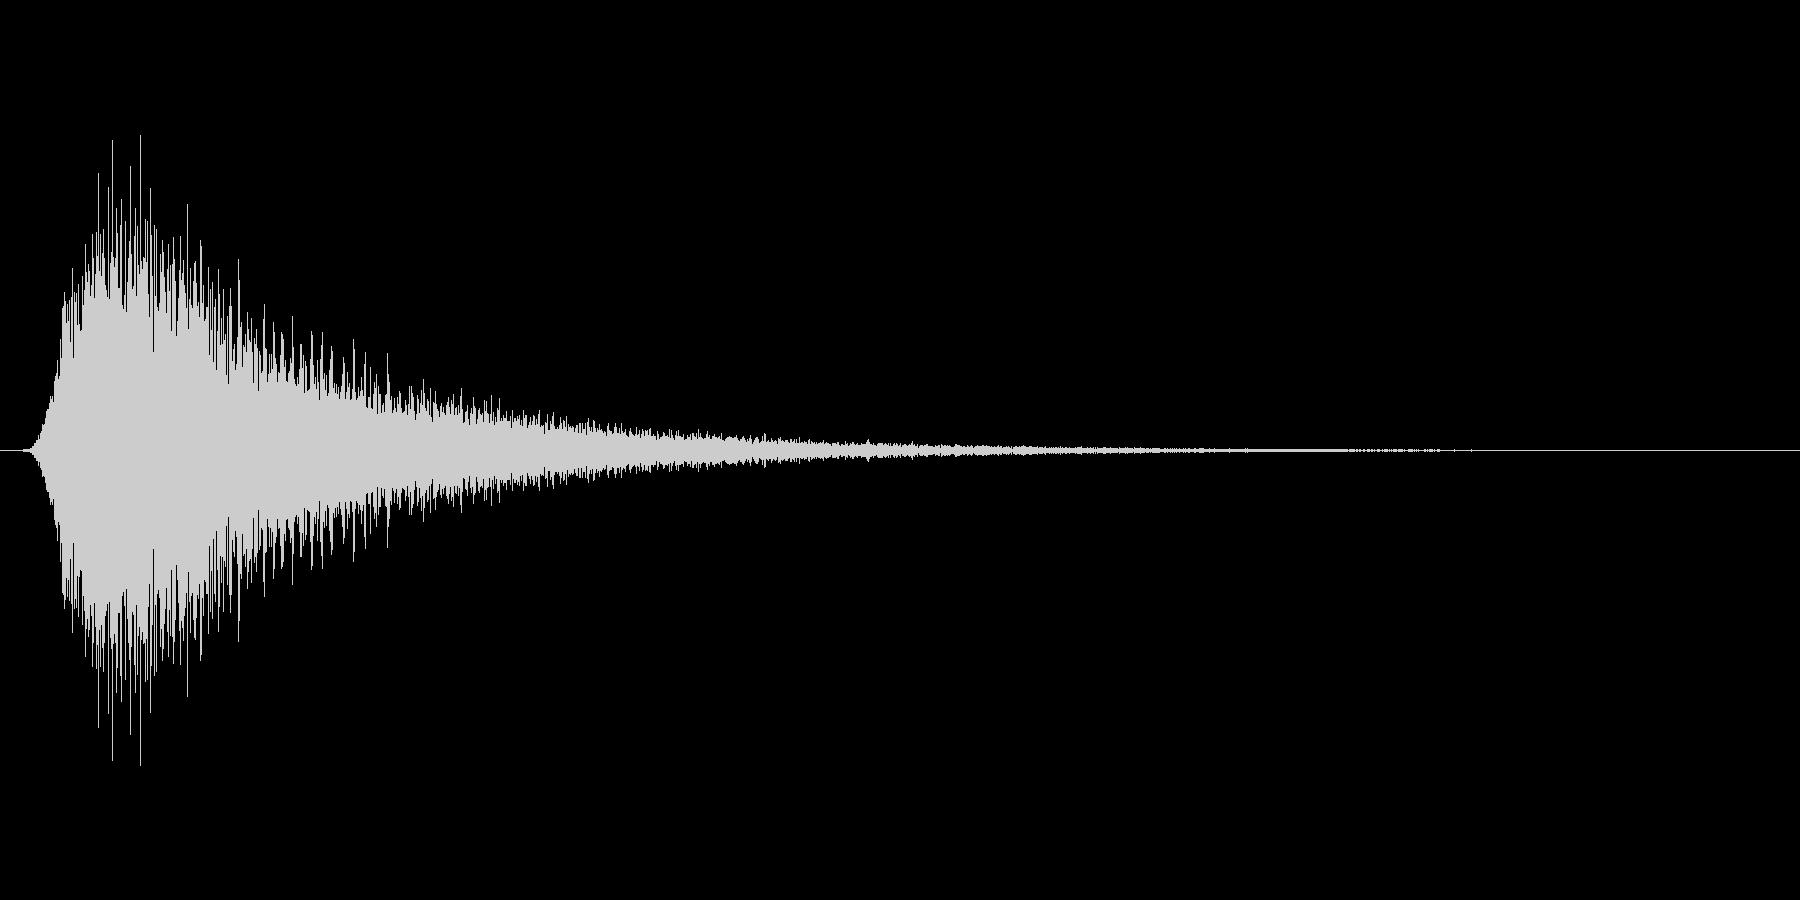 レーシングカーが高速で通過するような音の未再生の波形